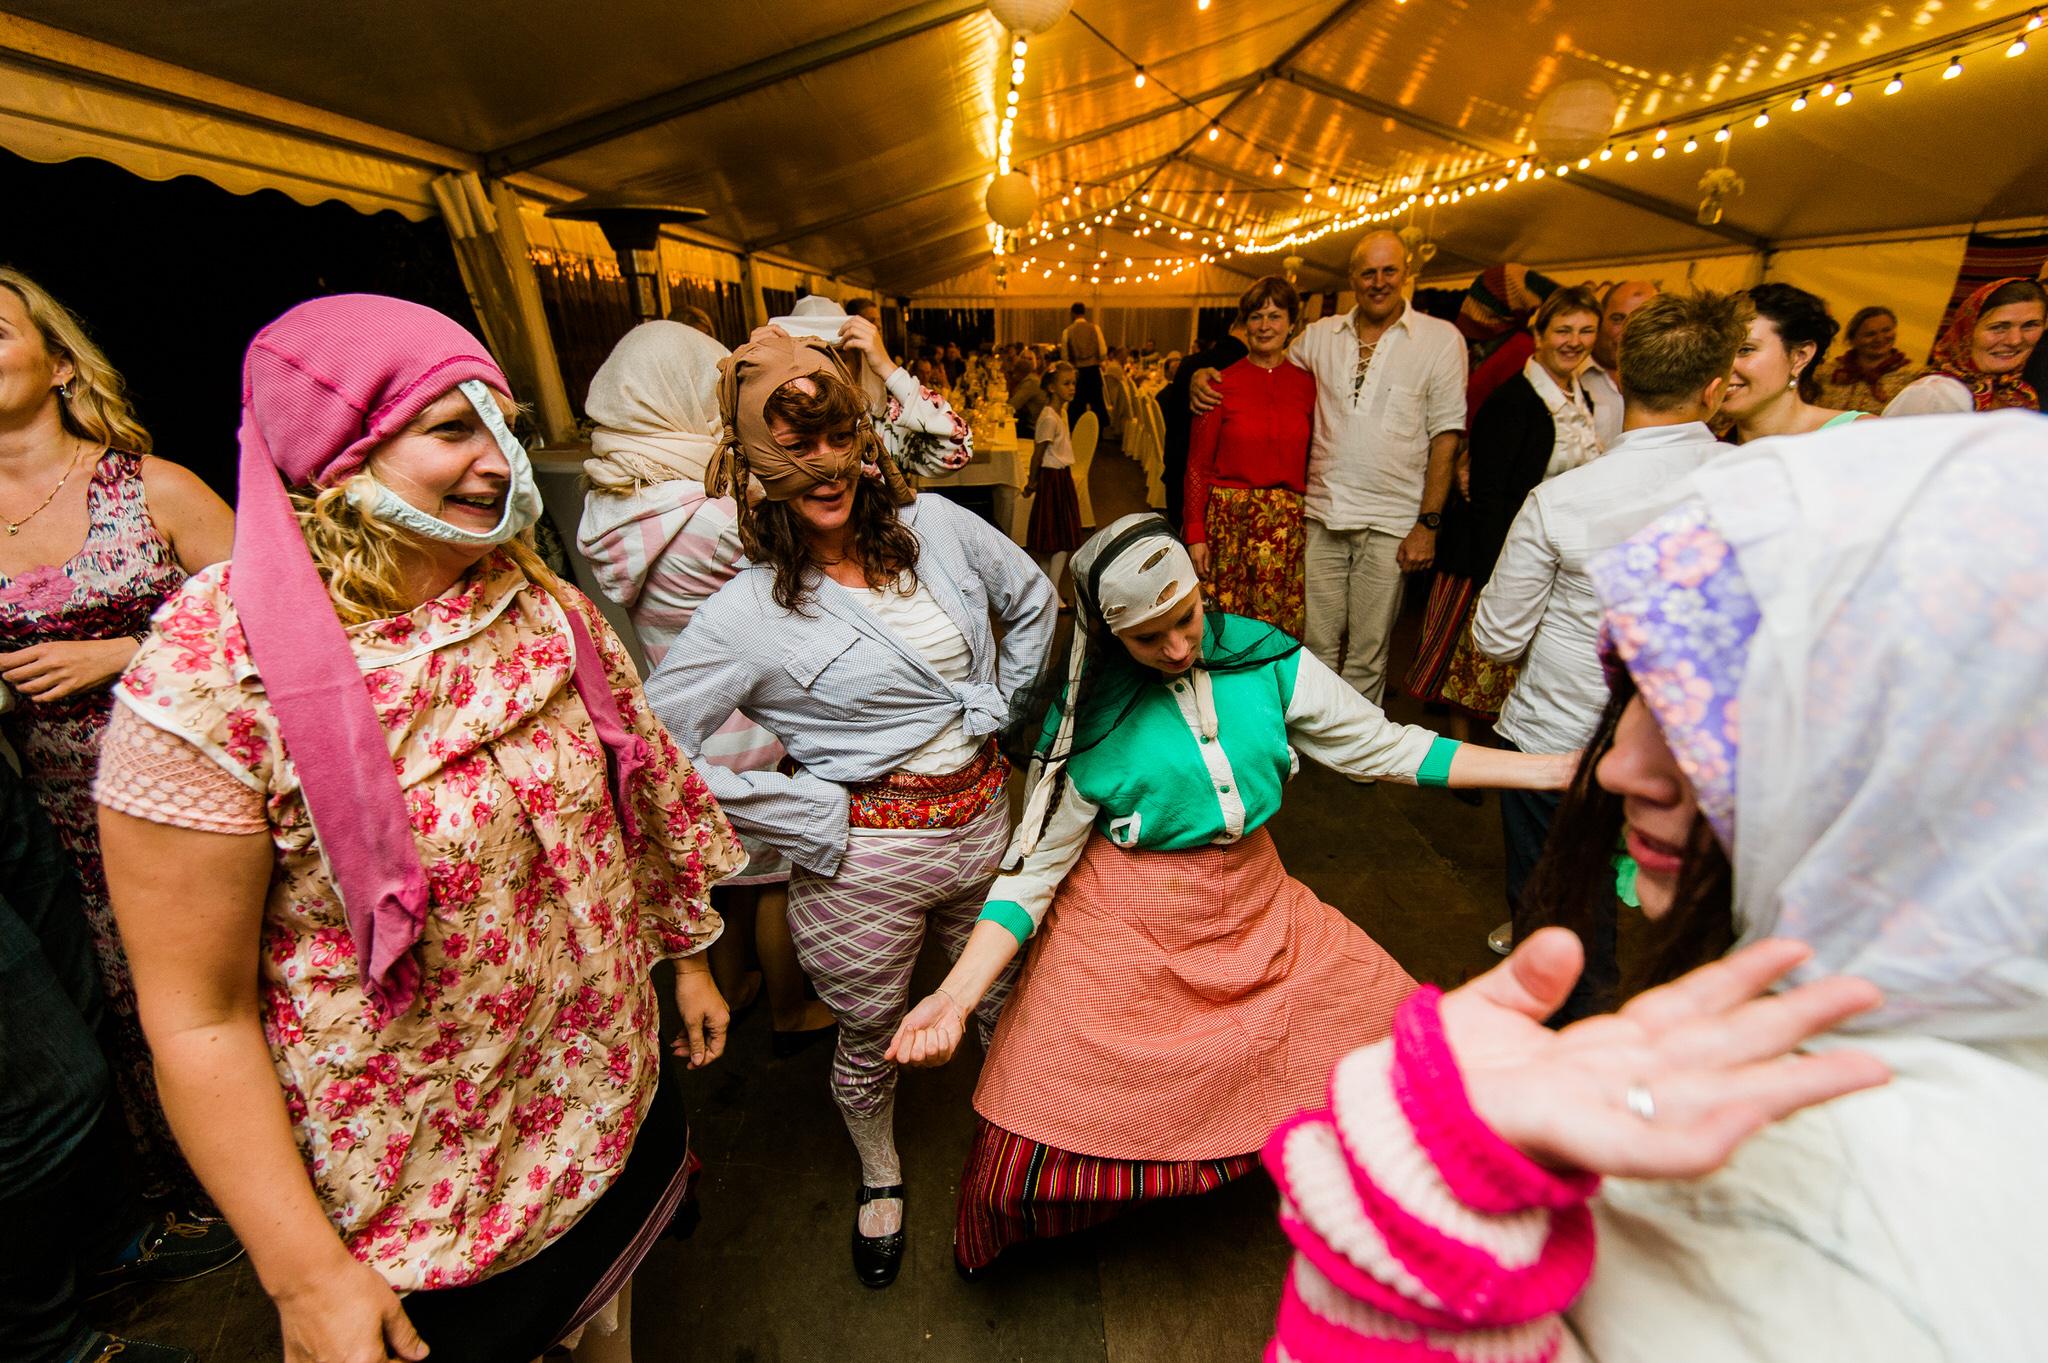 Pulmatants traditsiooniline Kihnu pulm naised värvilistes riietes 10 parimat nõuannet pulmadeks